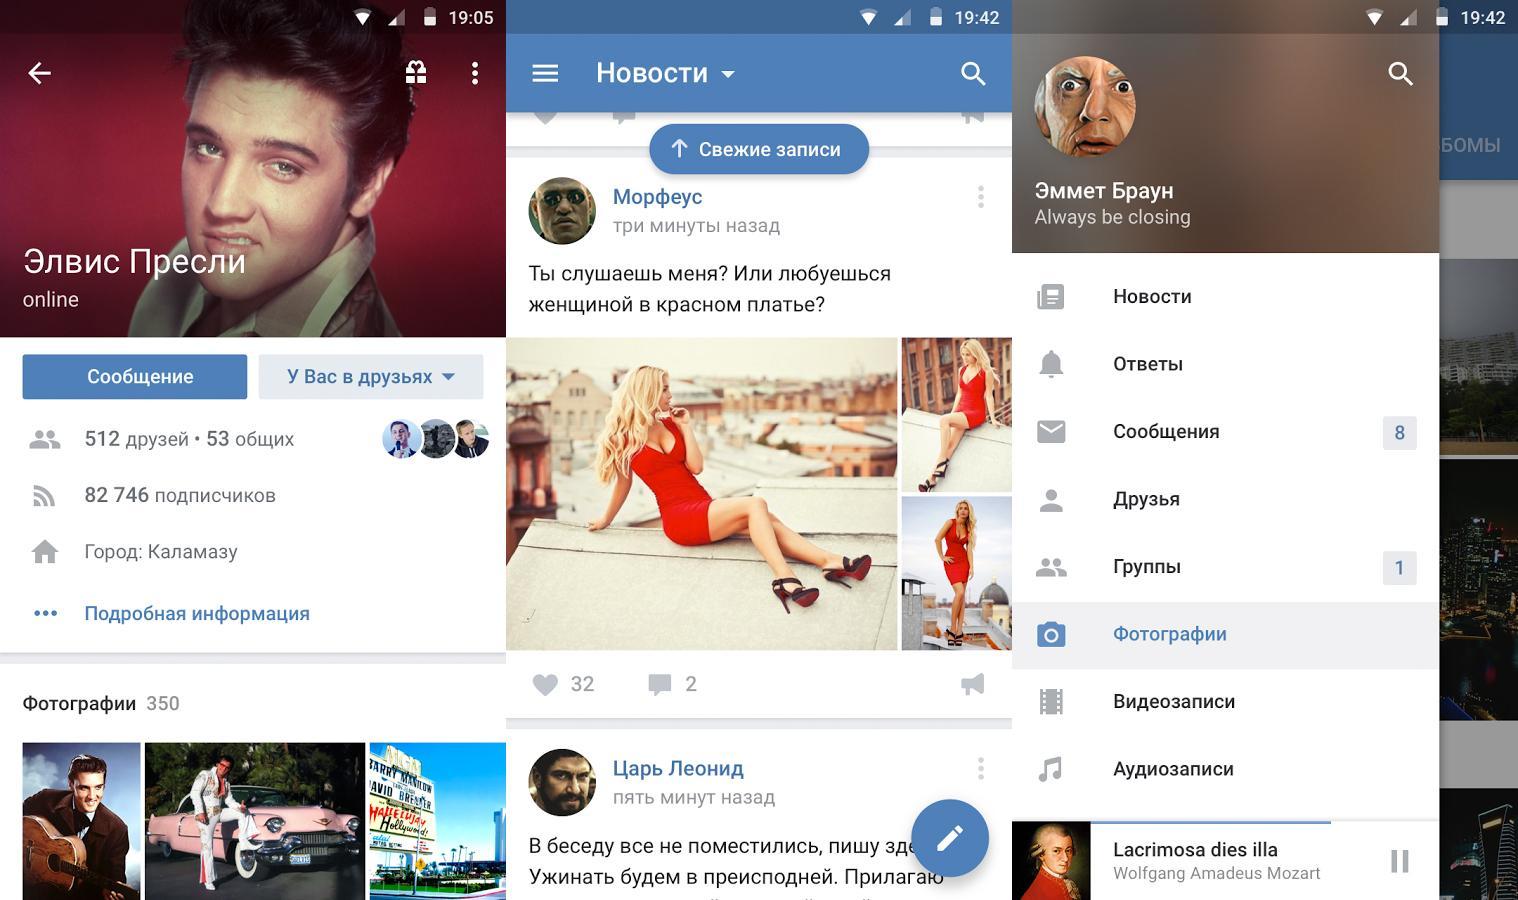 Приложение VKontakte для Android упрощает использование социальной сети на маленьком экране